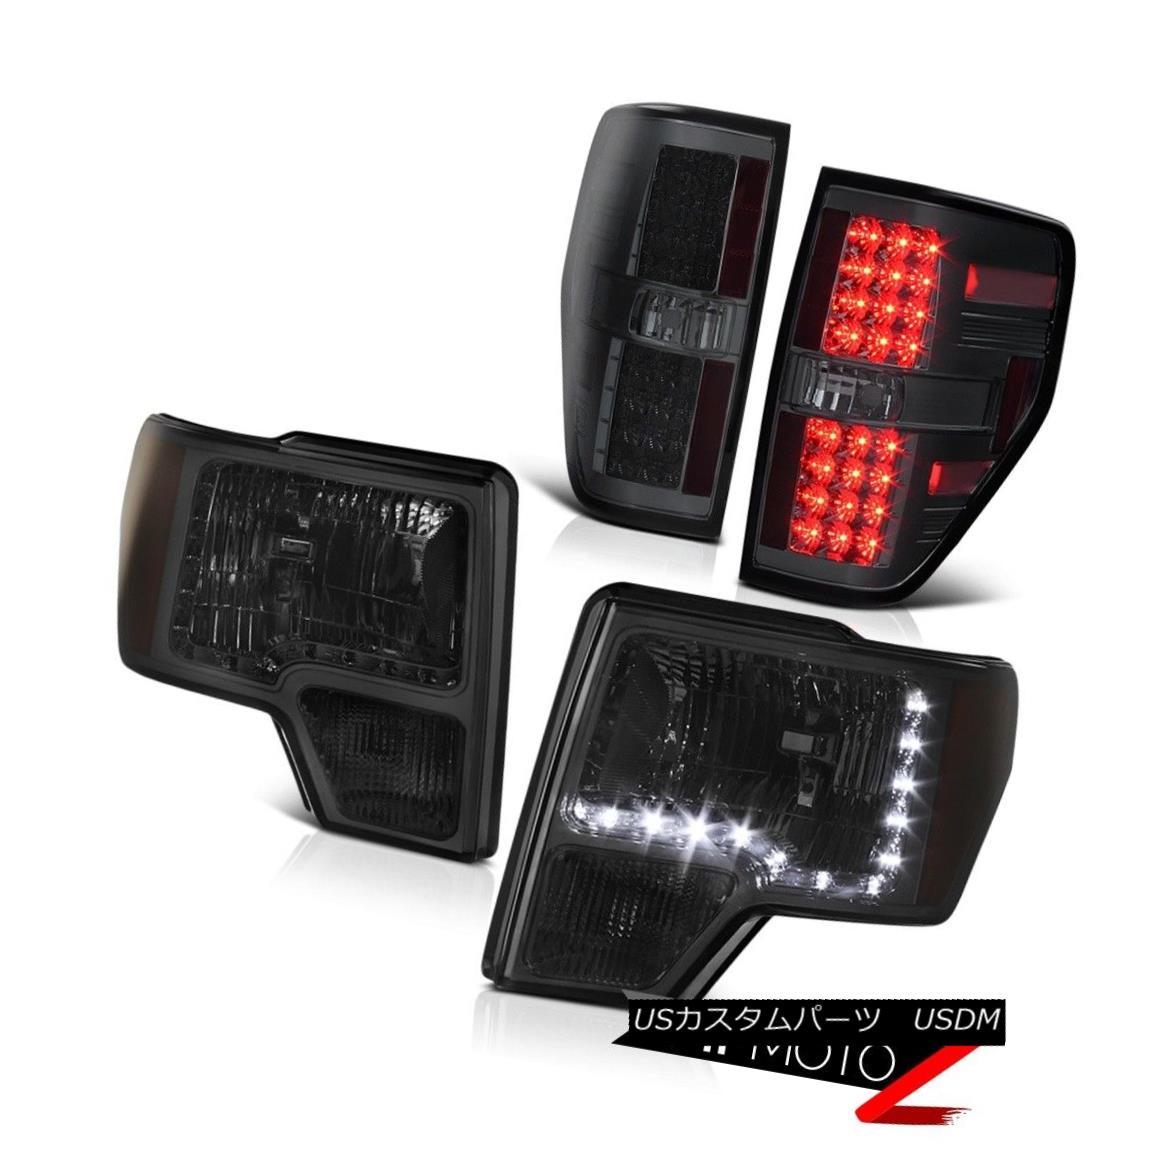 ヘッドライト Ford 09-14 F150 Smoke+Amber Diamond LED Headlamp+SMOKE LED Tail Light Brake Lamp フォード09-14 F150煙+琥珀ダイヤモンドLEDヘッドランプ+ SMOKE LEDテールライトブレーキランプ